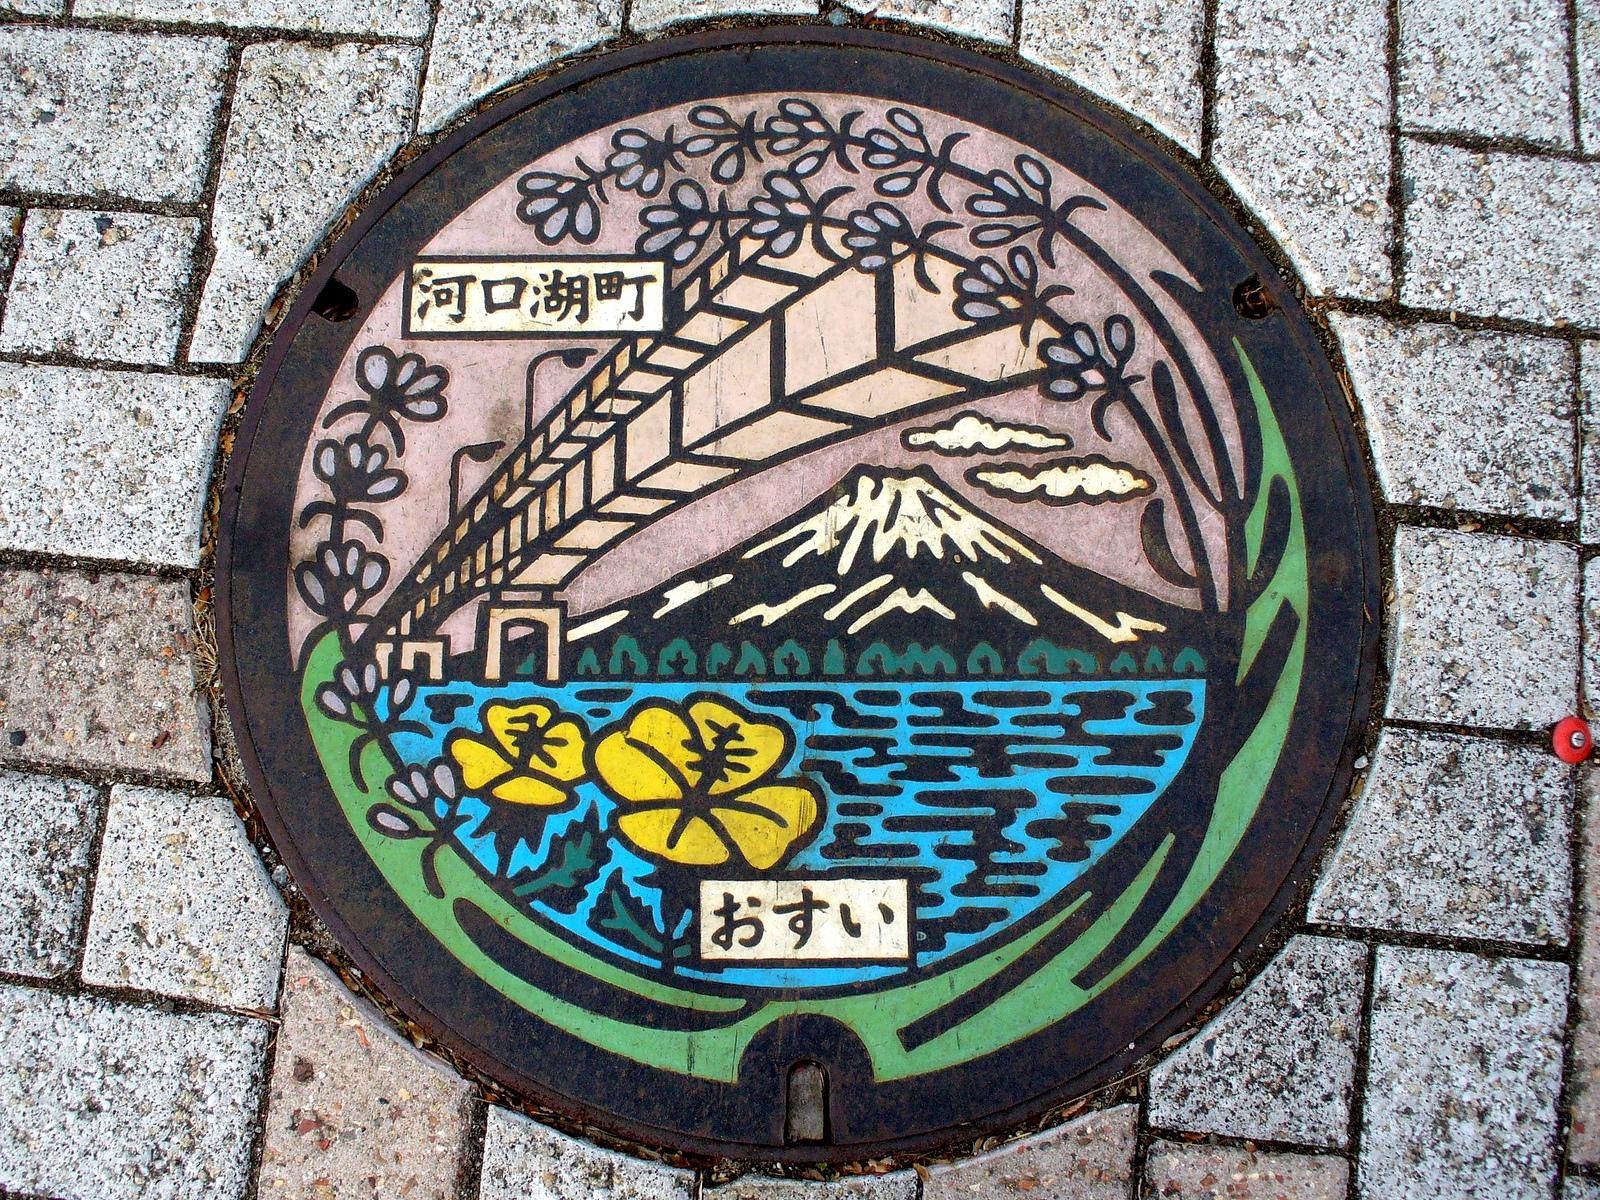 s-morita-manhole-japanese-oldskull-12